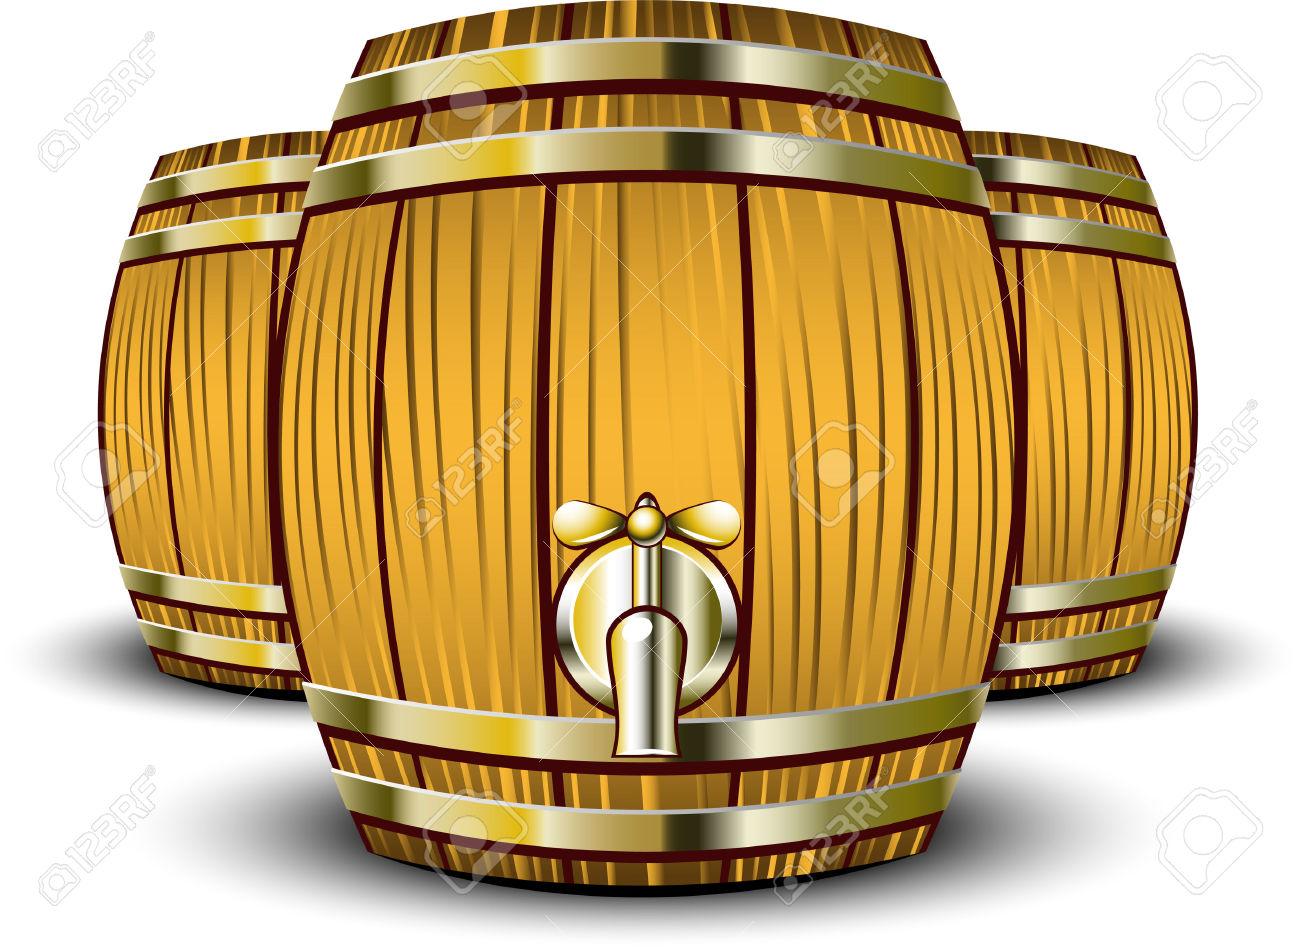 Boose clipart beer keg 1300 kegs wood beer jpg